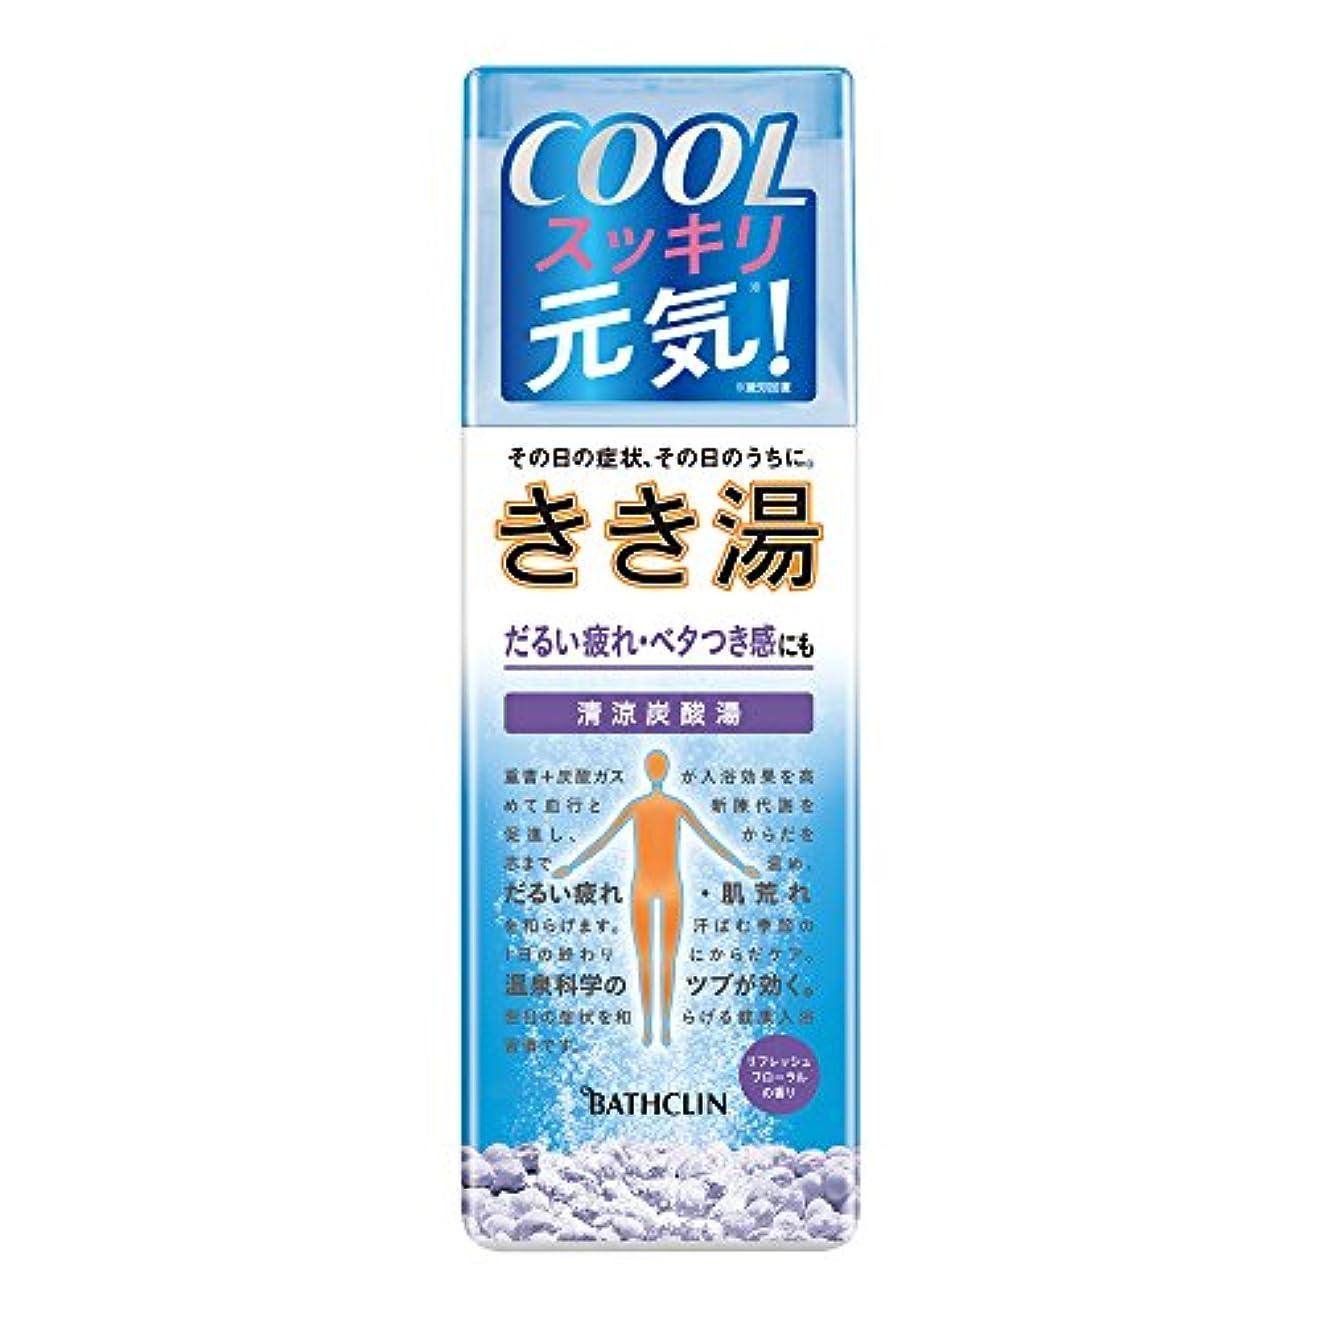 ガラス最近間接的【医薬部外品】きき湯清涼炭酸湯リフレッシュフローラルの香り 360gマリンブルーの湯透明タイプ 入浴剤